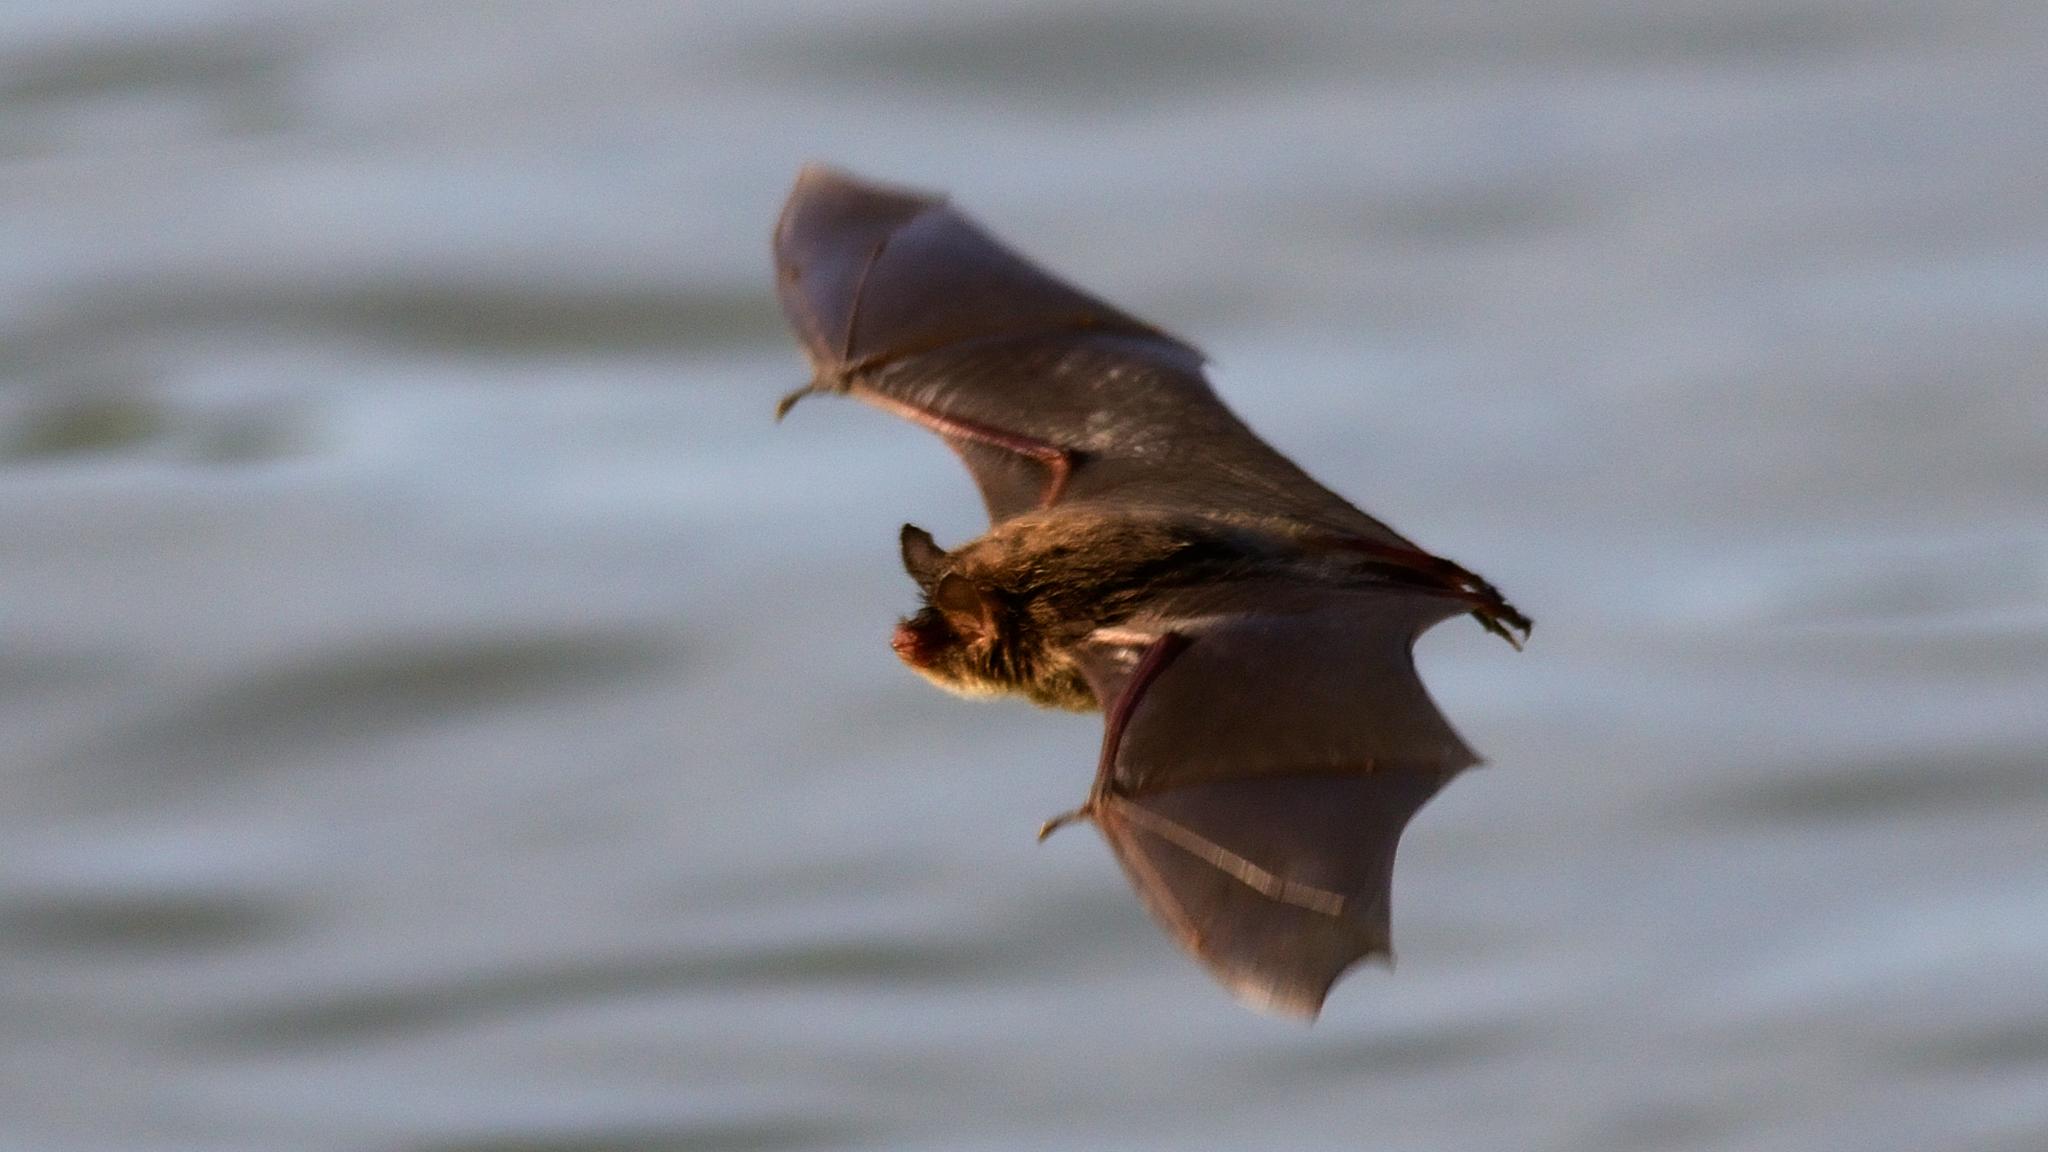 Satu: Voiko hiiri lentää?